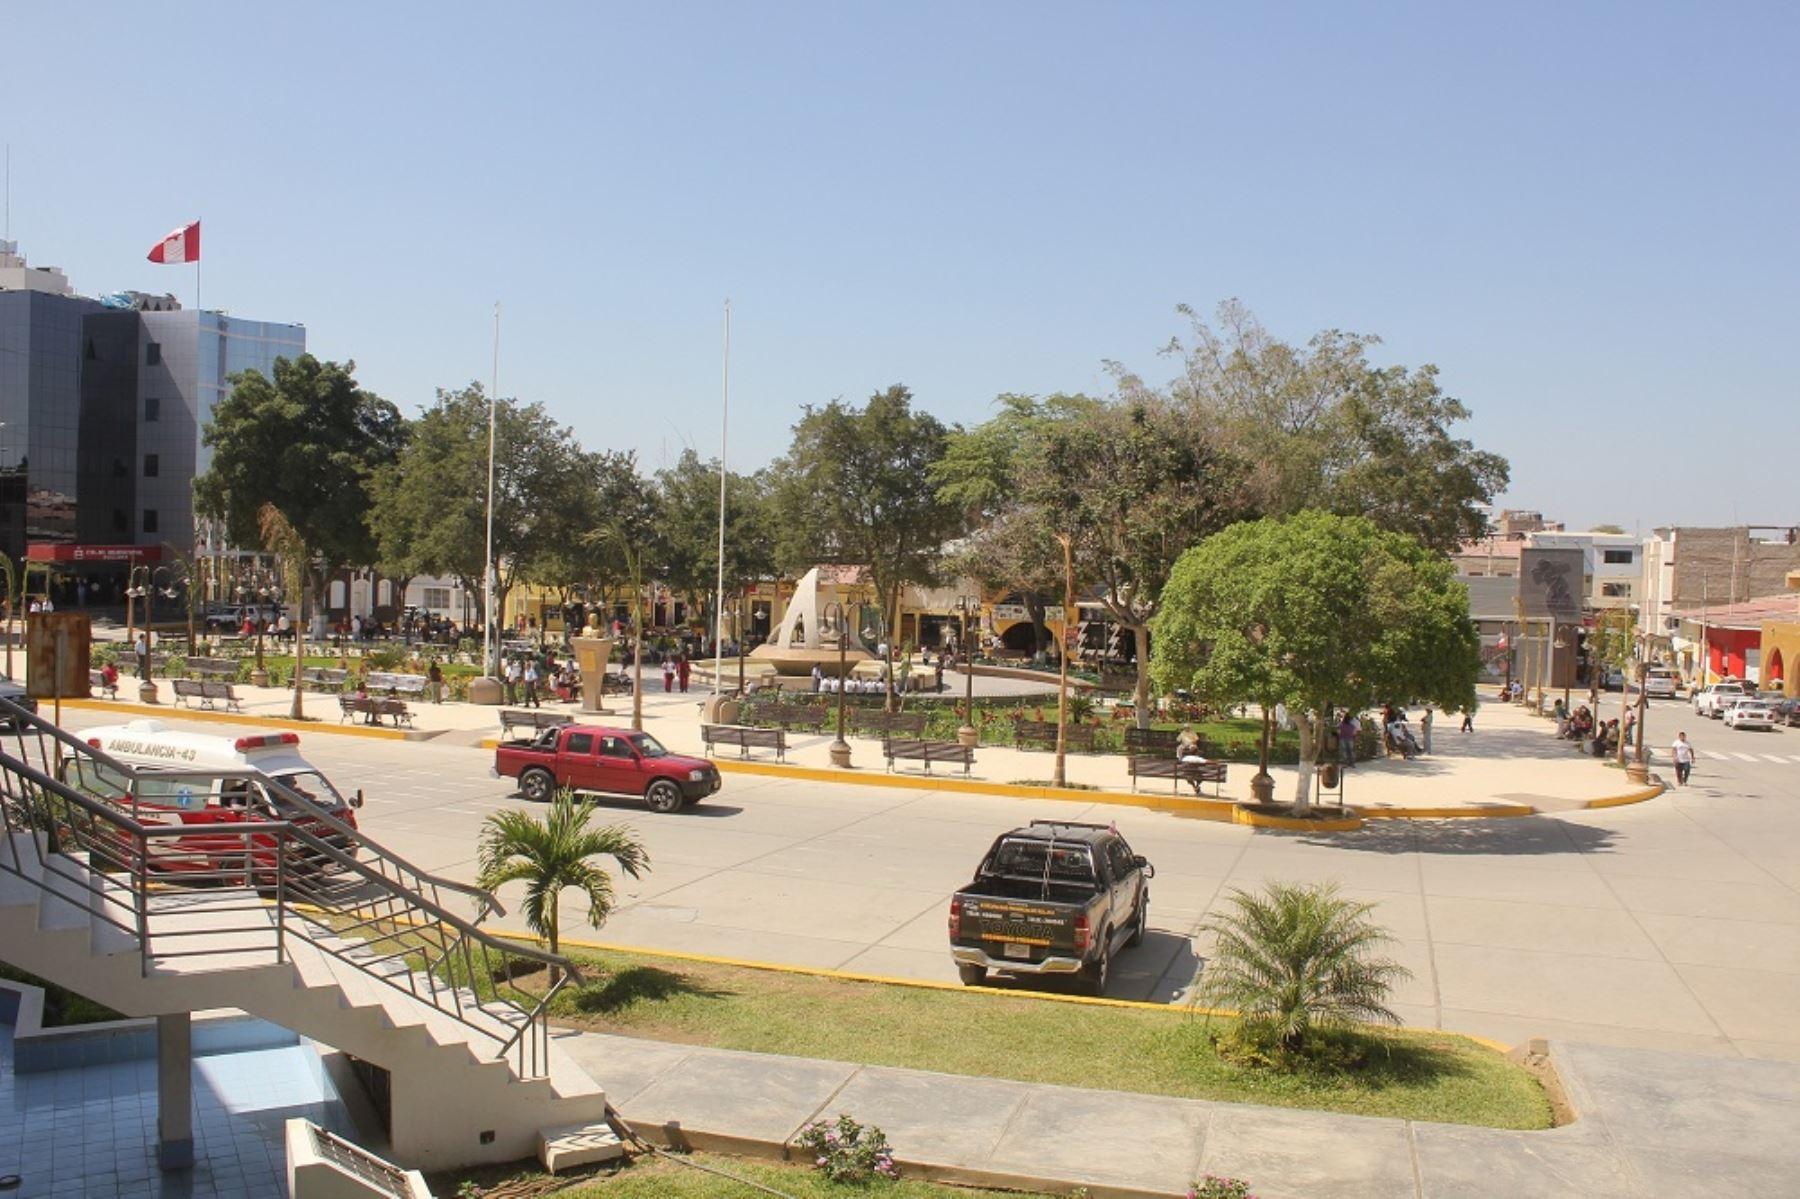 La ciudad de Sullana, en Piura, fue remecida por un fuerte sismo de magnitud 6.1, informó el IGP. ANDINA/Difusión